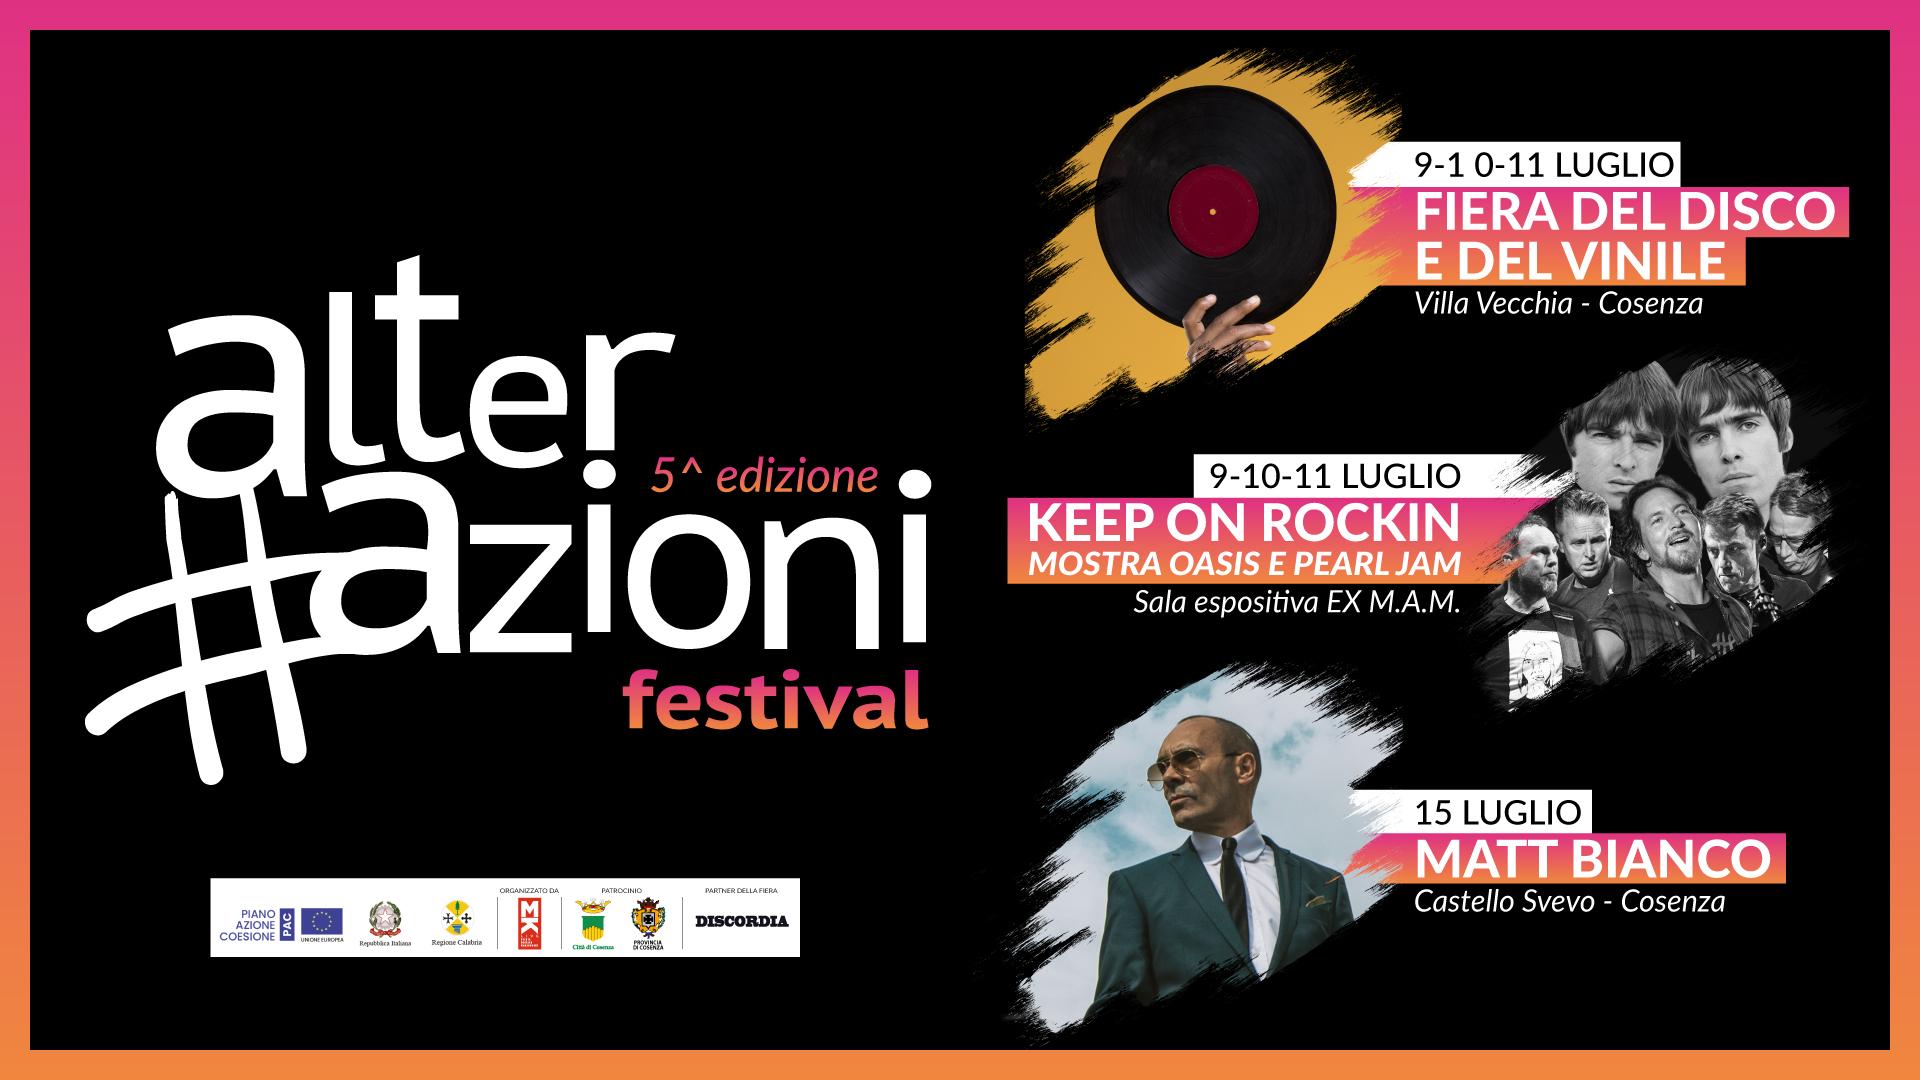 Alterazioni Festival